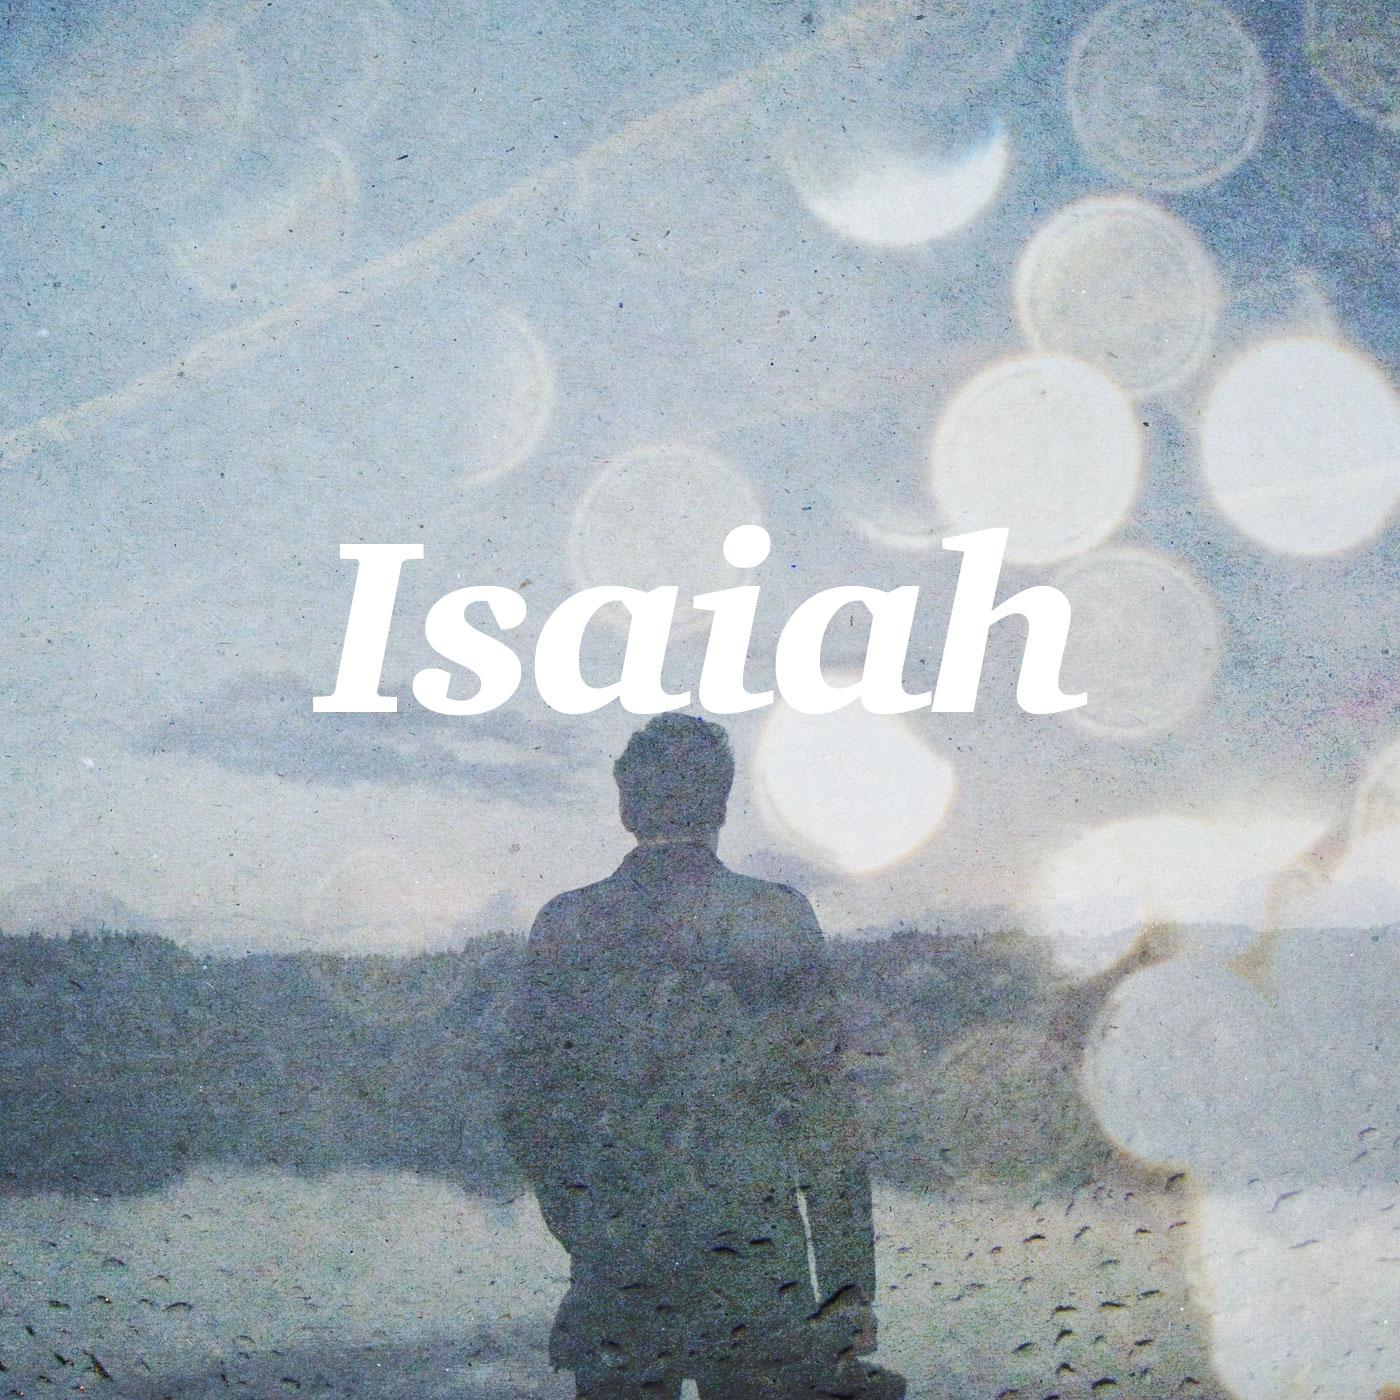 Bible Studies on Isaiah - GoBible.org